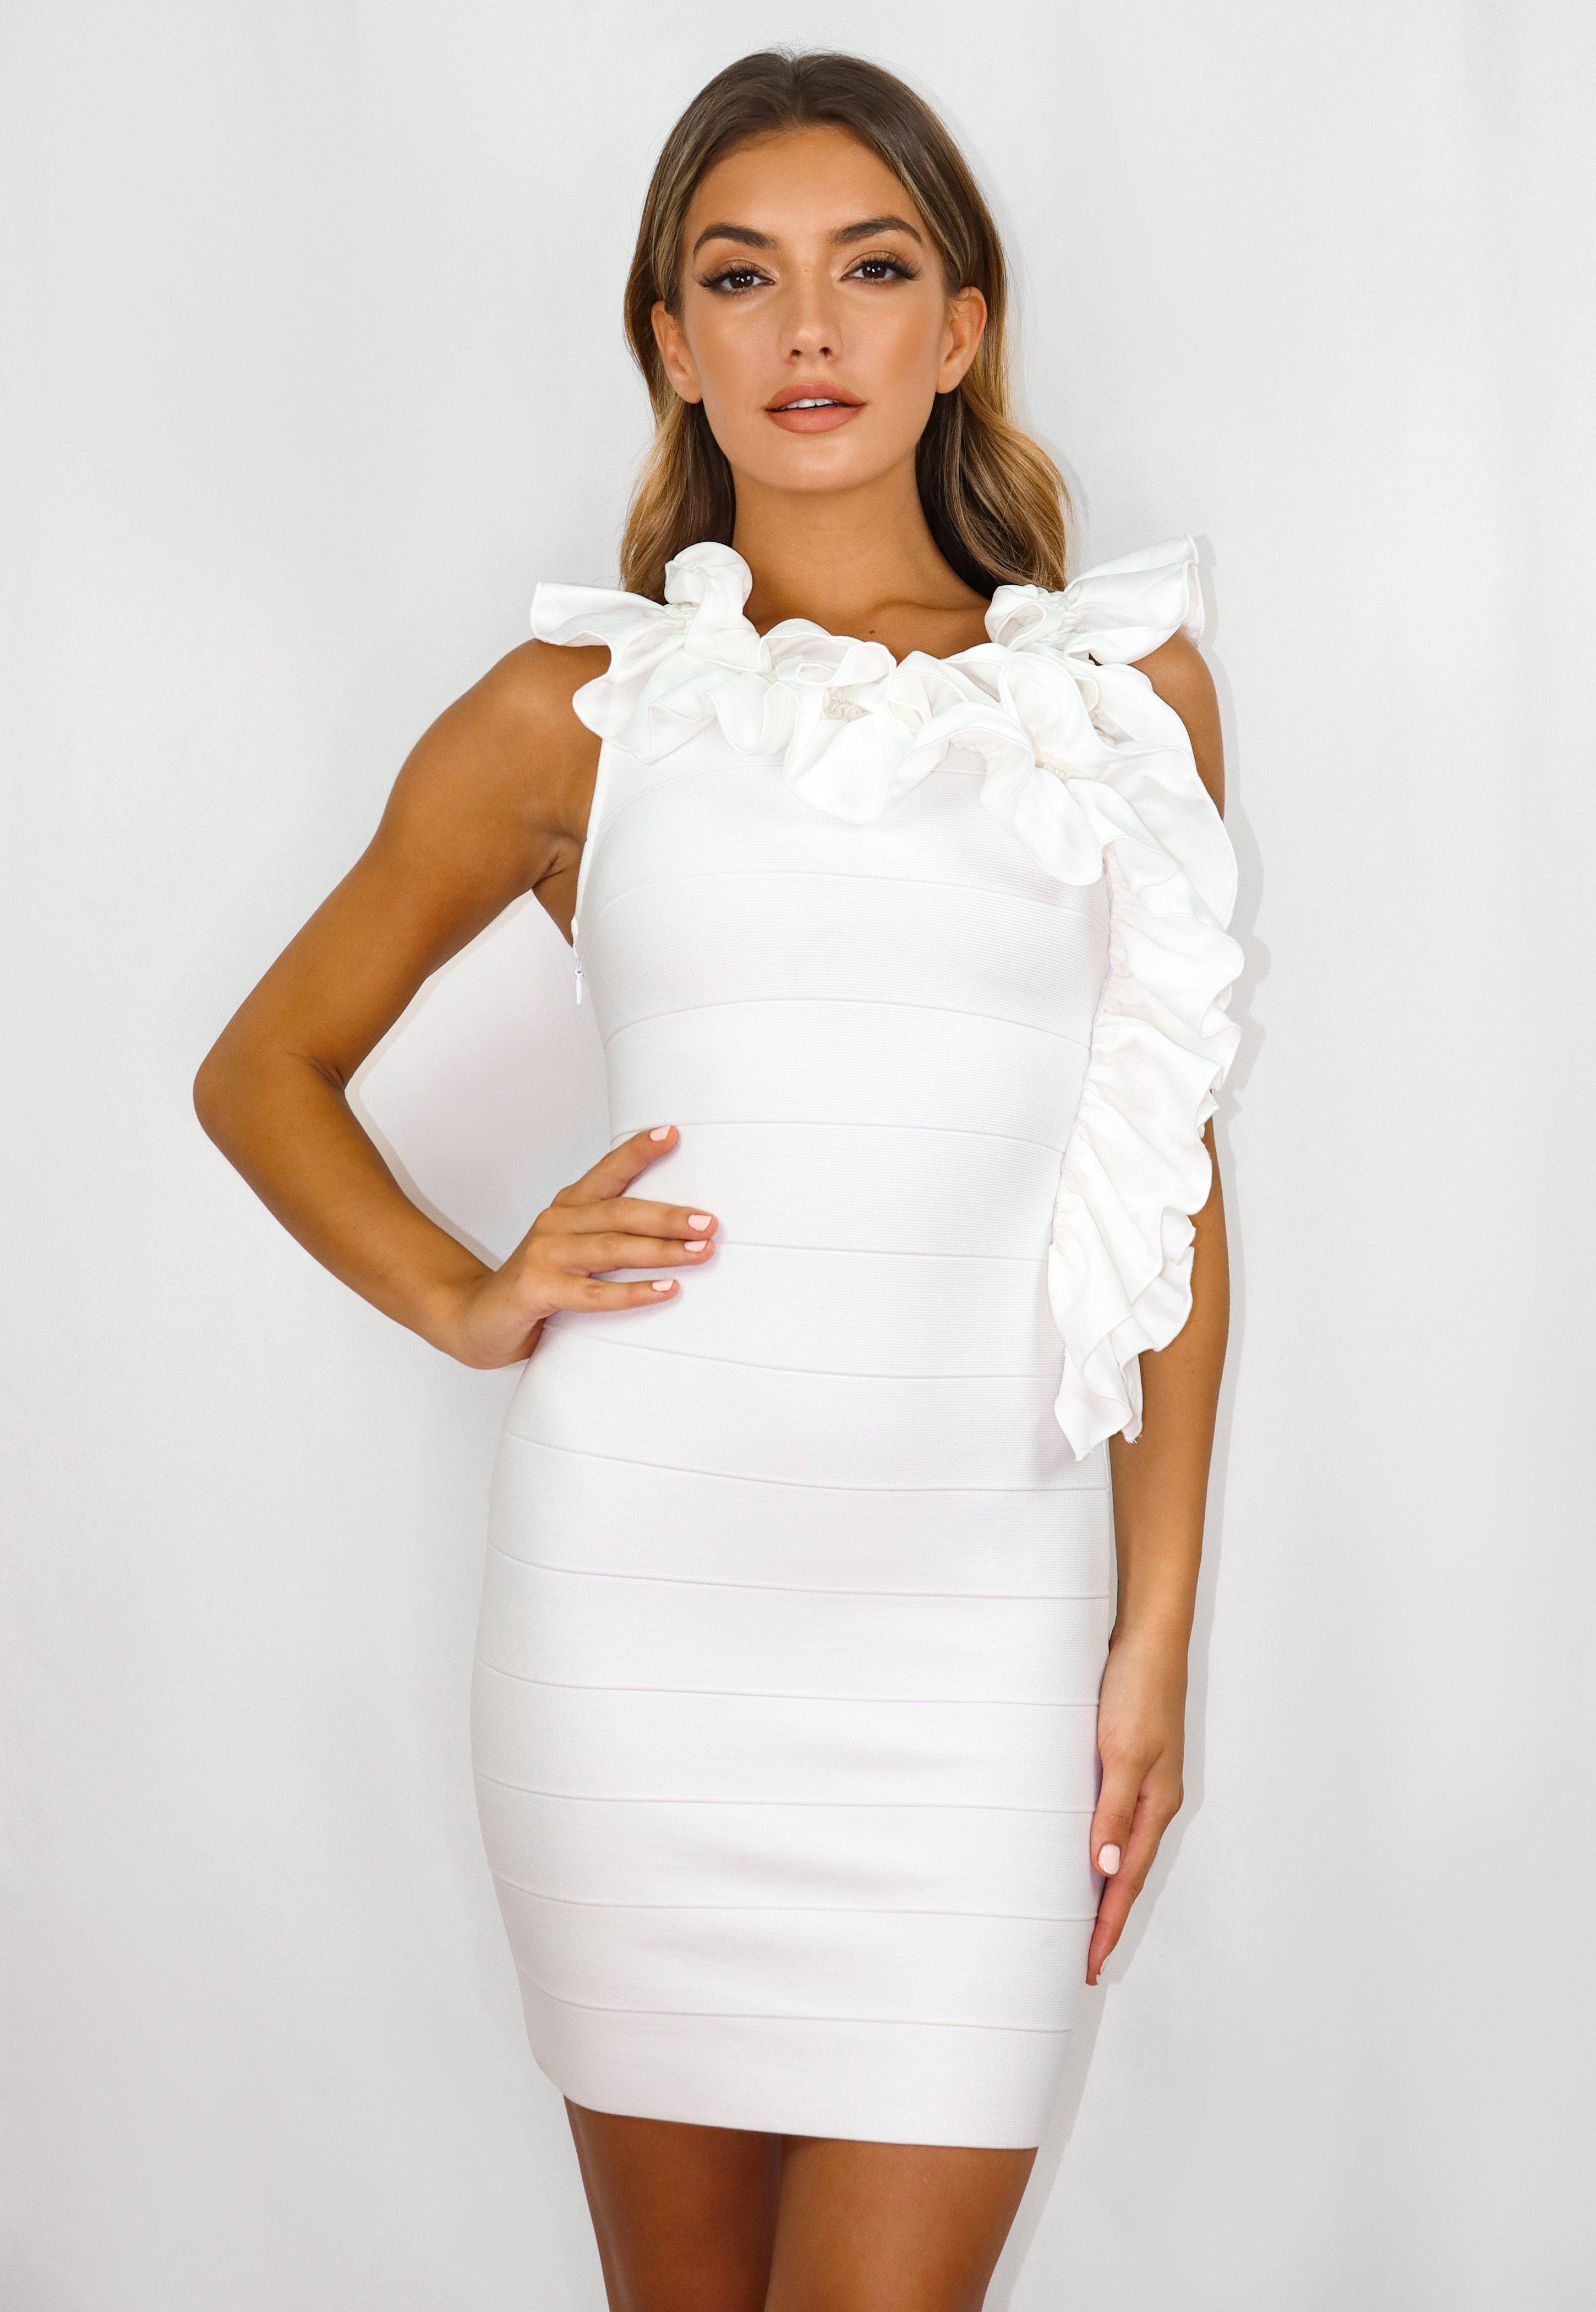 Minikleid im Bandage-Stil mit Rüschen und tiefem Rückenausschnitt in Weiß